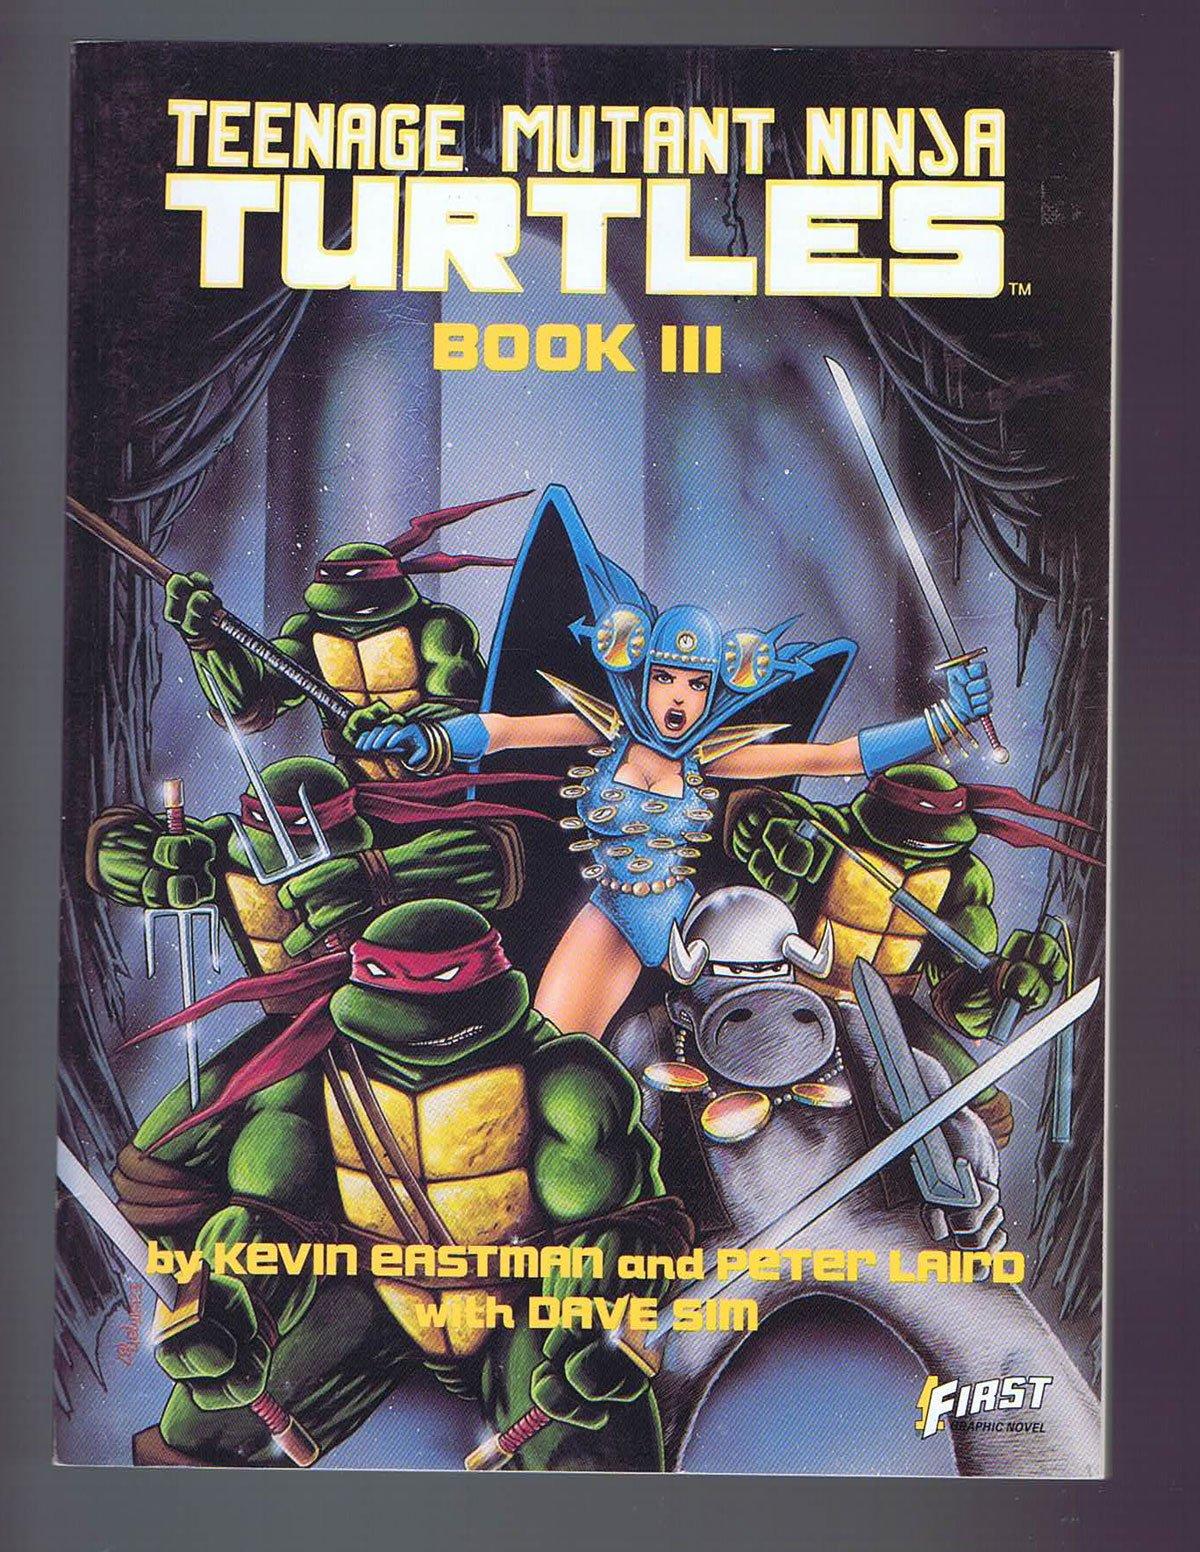 Teenage Mutant Ninja Turtles Book III Soft Cover 1st Edition ...